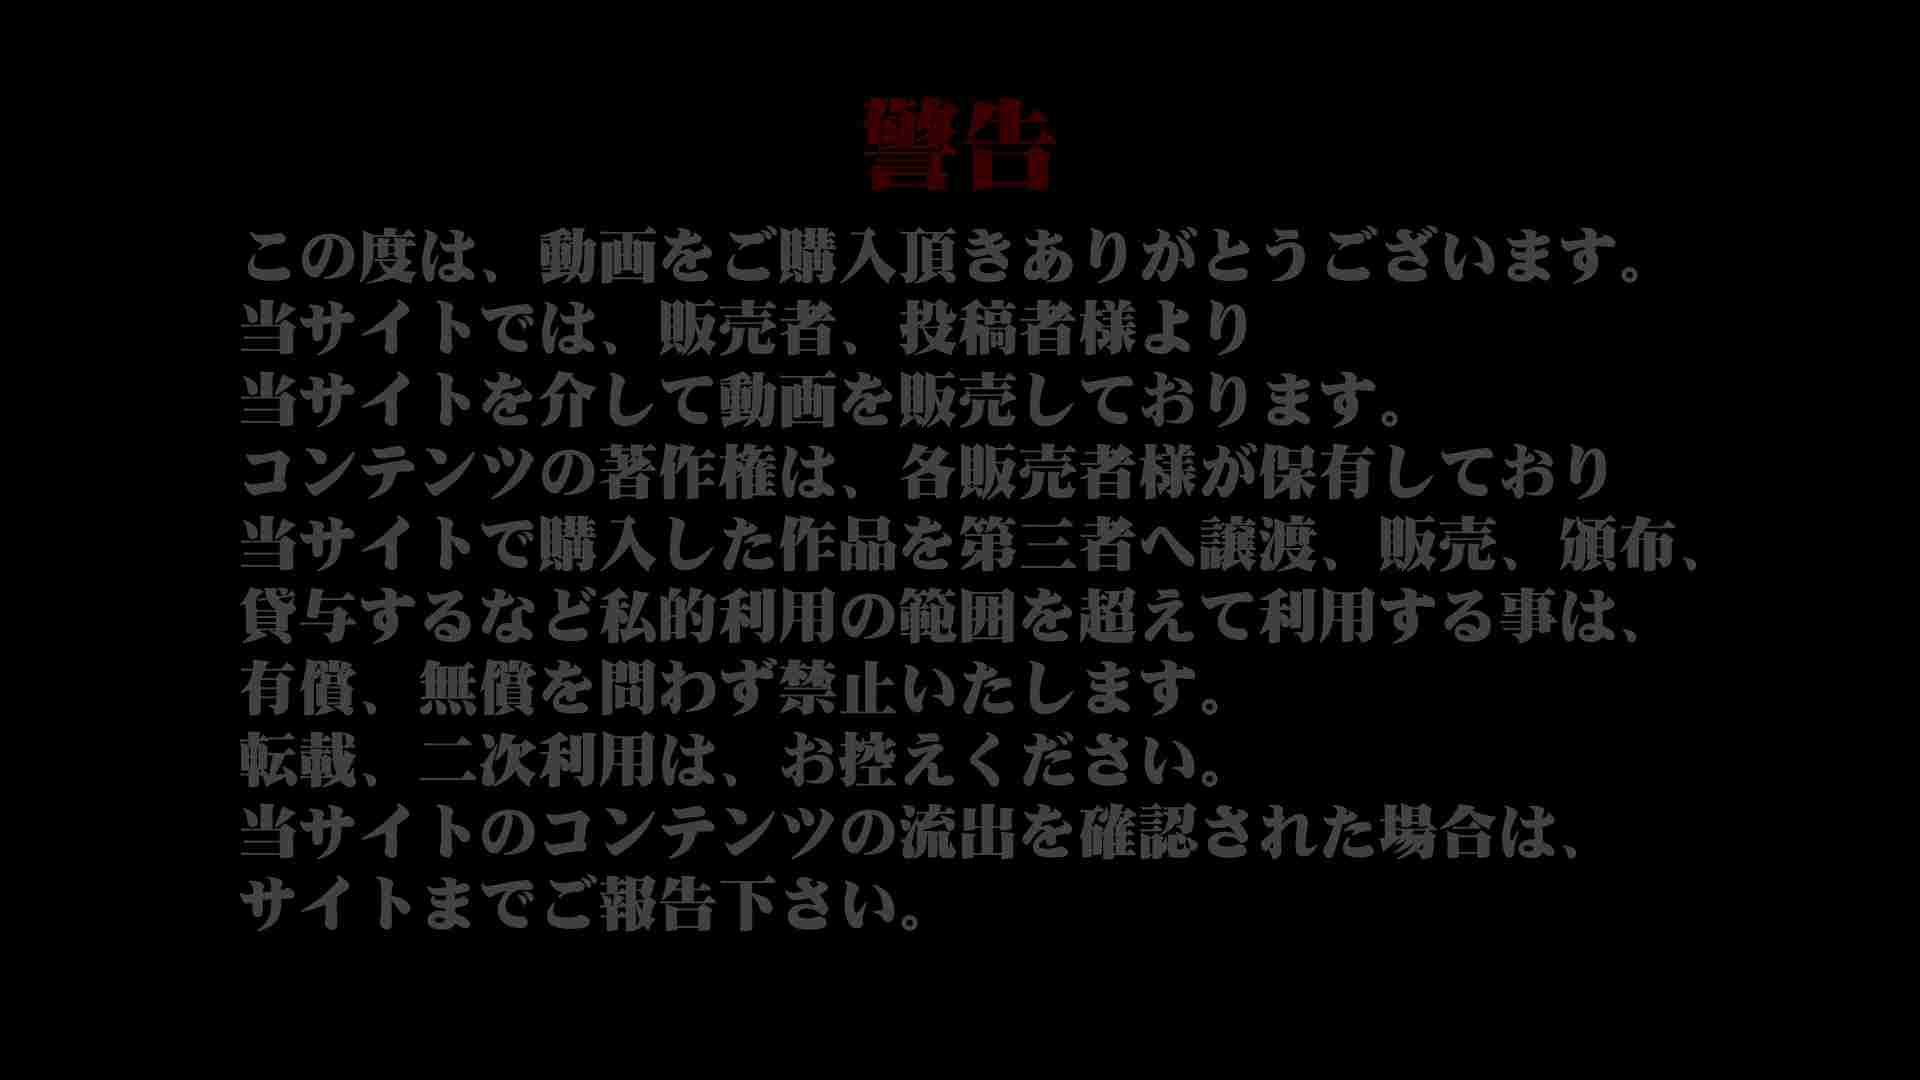 ヒトニアラヅNo.02 姿と全体の流れを公開 ギャル  60PIX 4